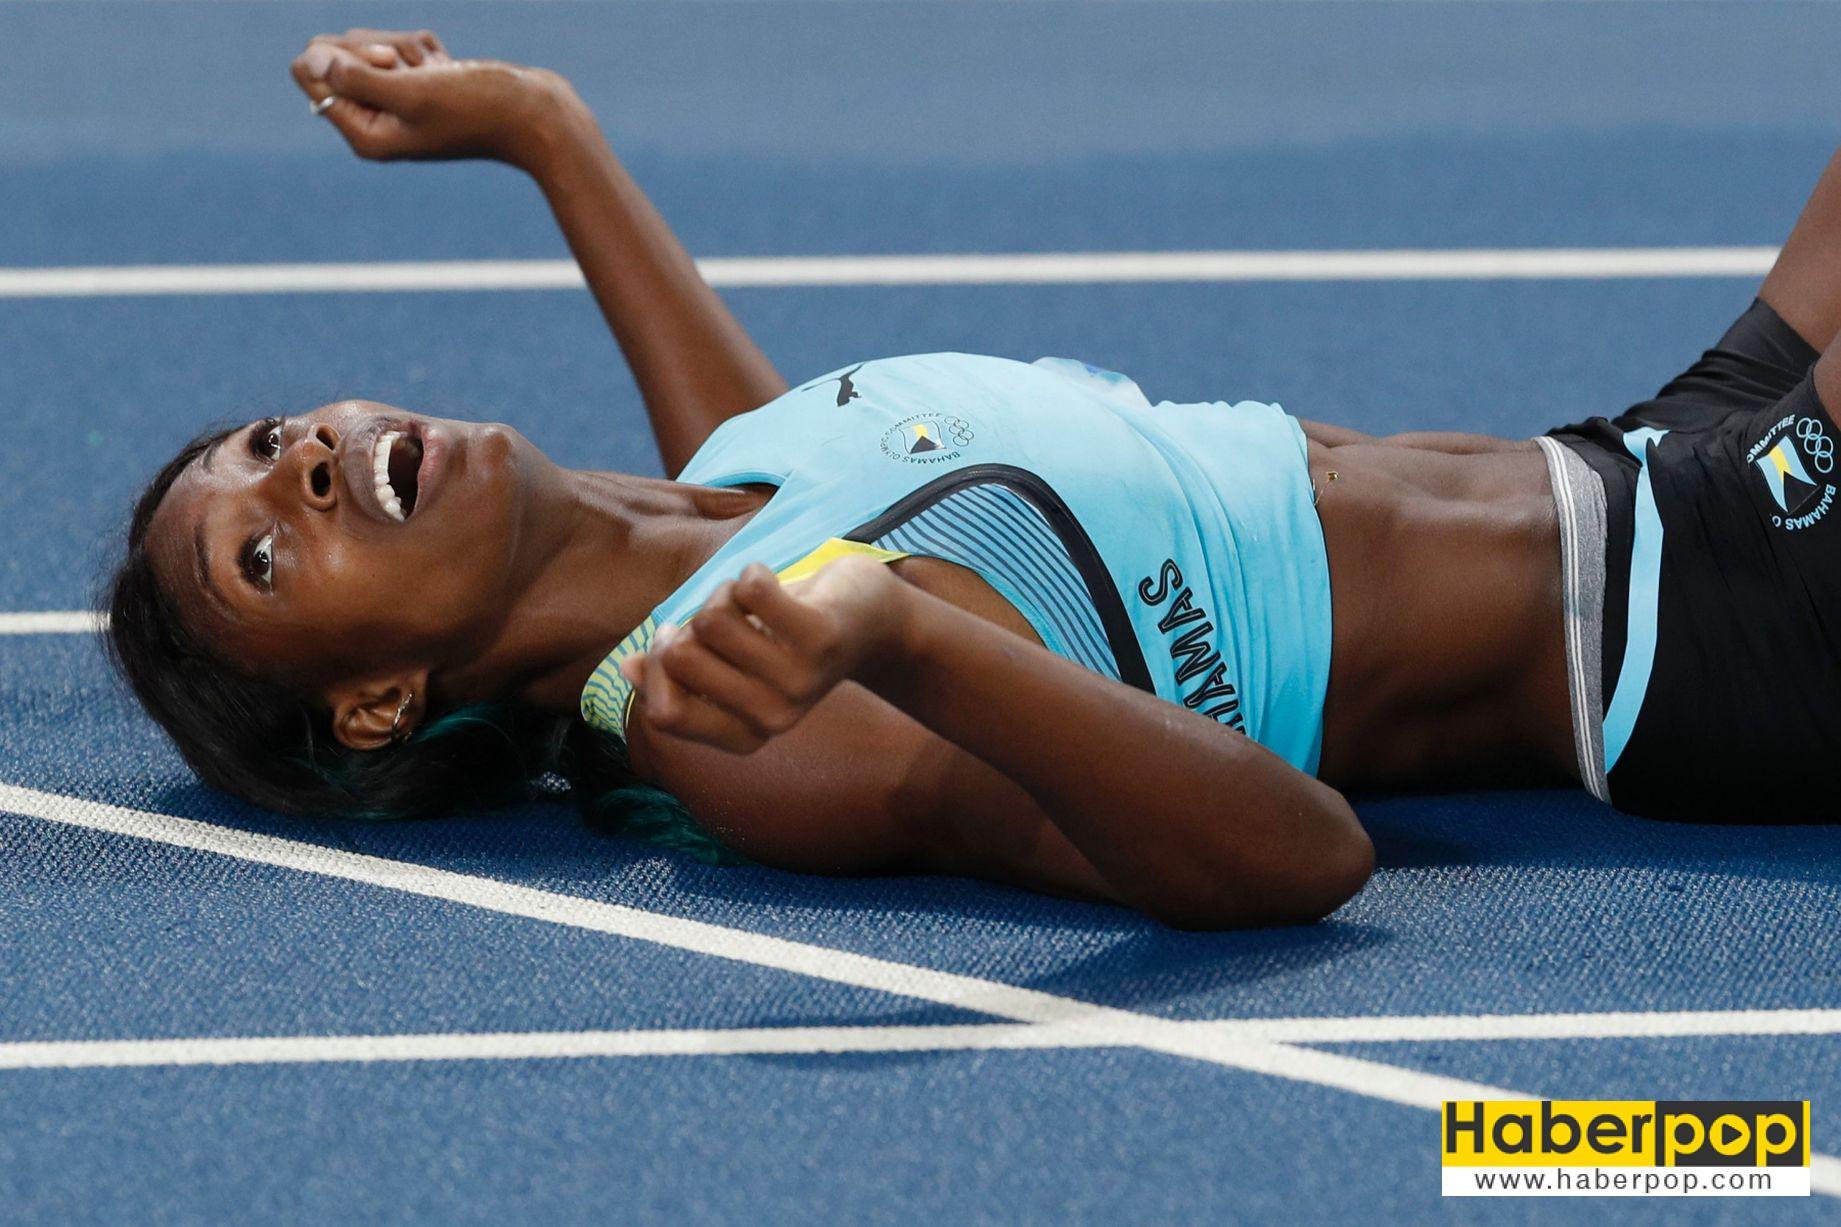 Olimpiyatlarda-koşucu-kadın-bitiş-çizgisine-balıklama-atladı-haberi